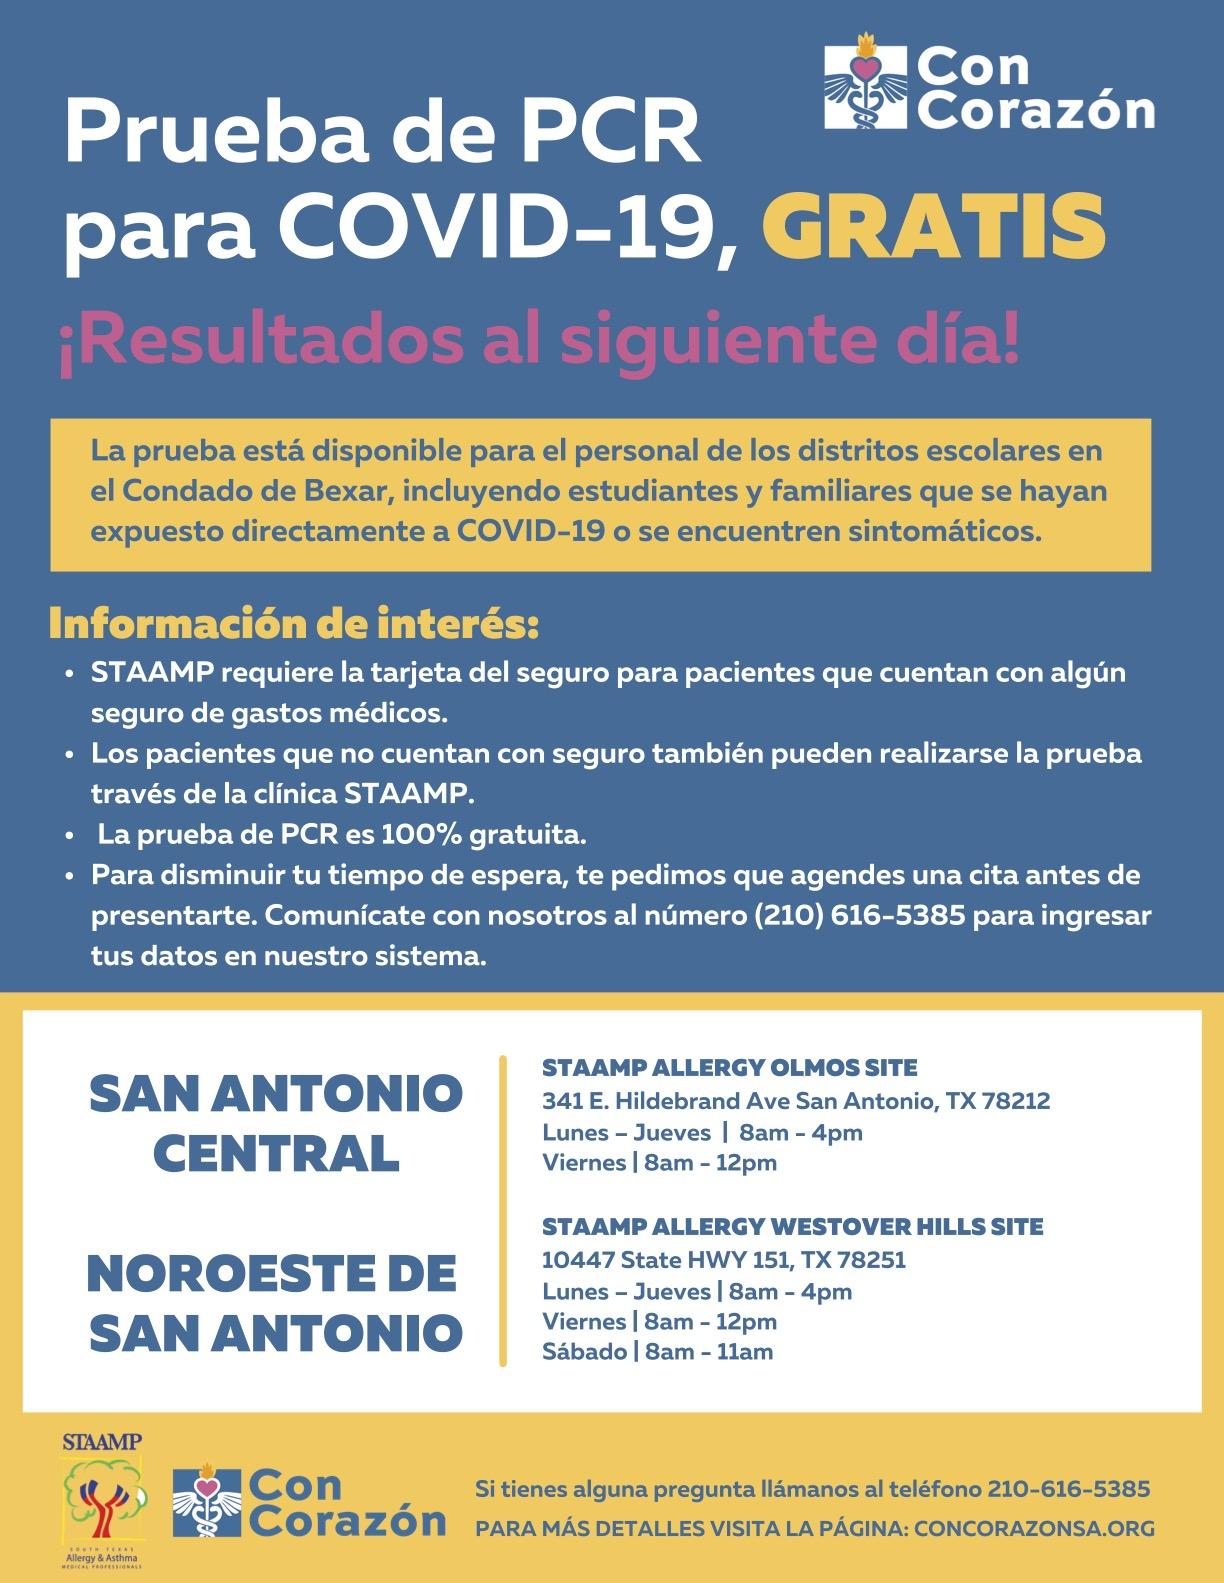 Gratis COVID-19 prueba